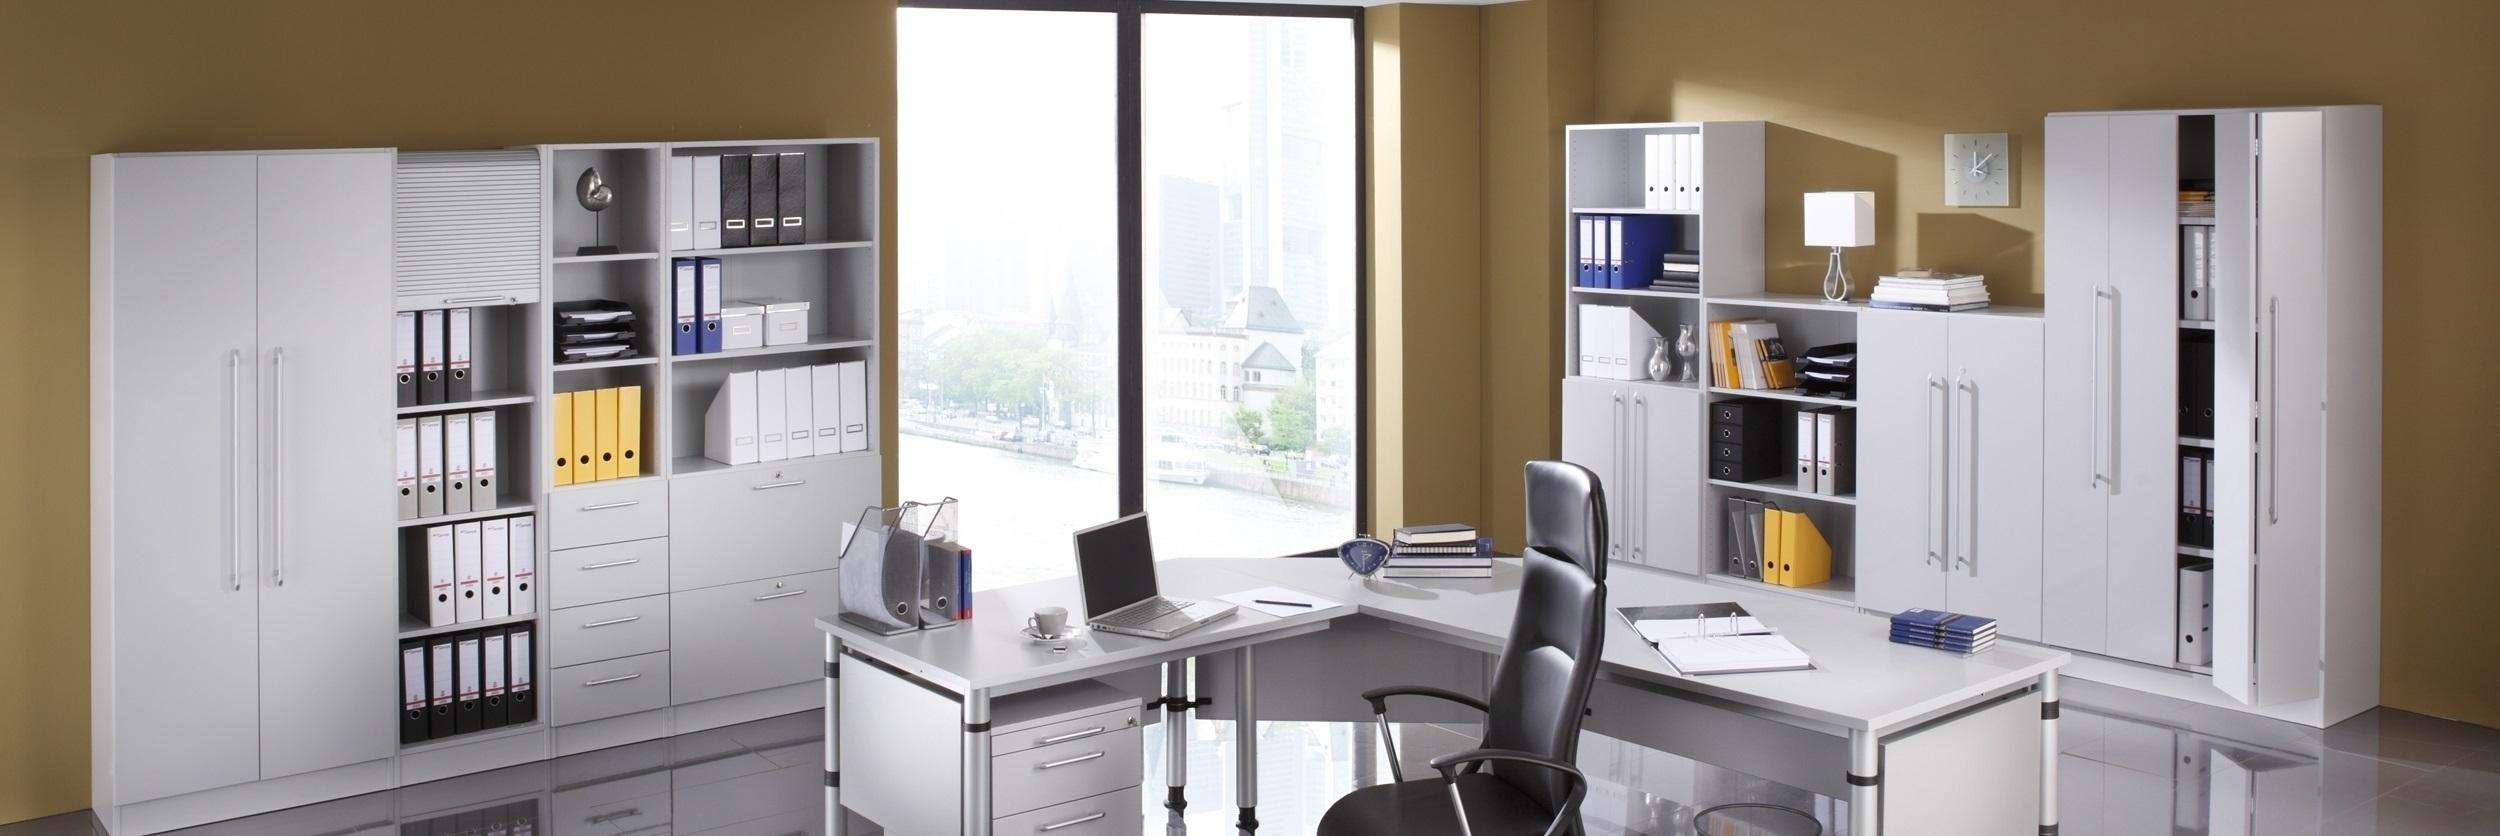 Büromöbel sofort schnelle Lieferung innerhalb 48 Stunden. | GWV ...